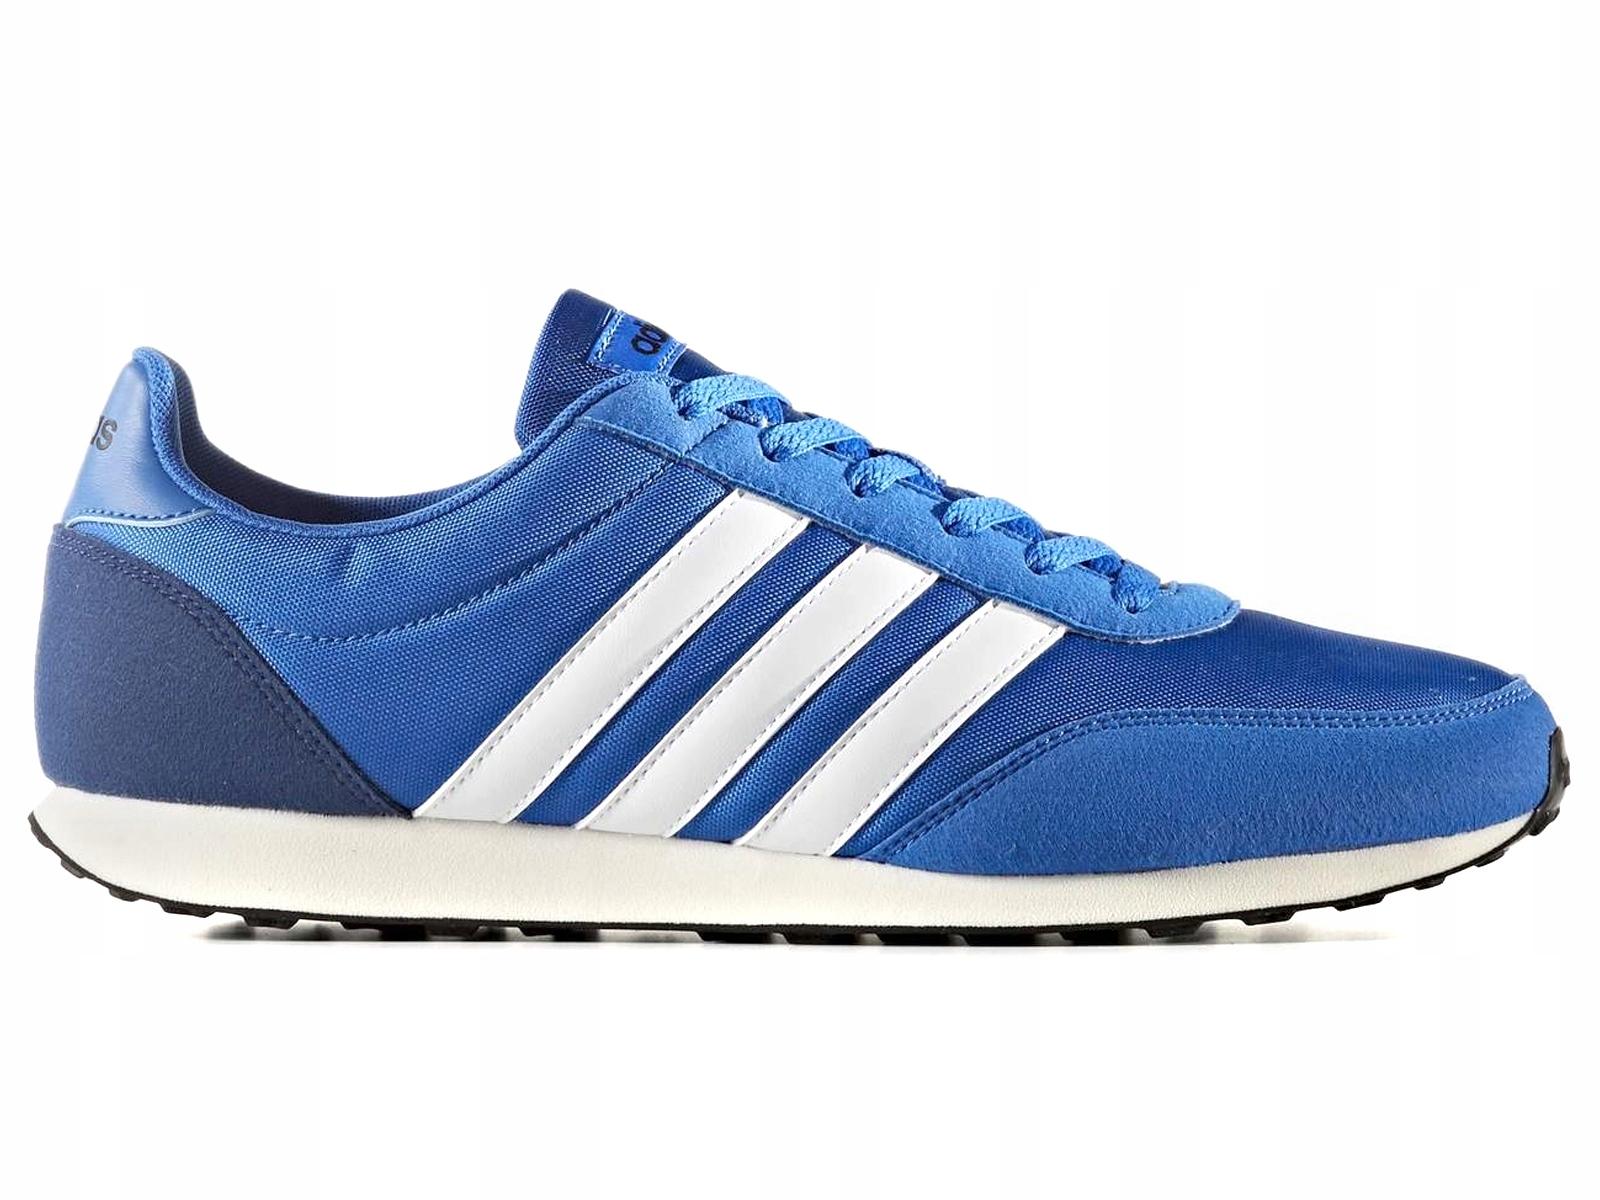 Adidas Buty męskie V RACER 2.0 BC0107 niebieski